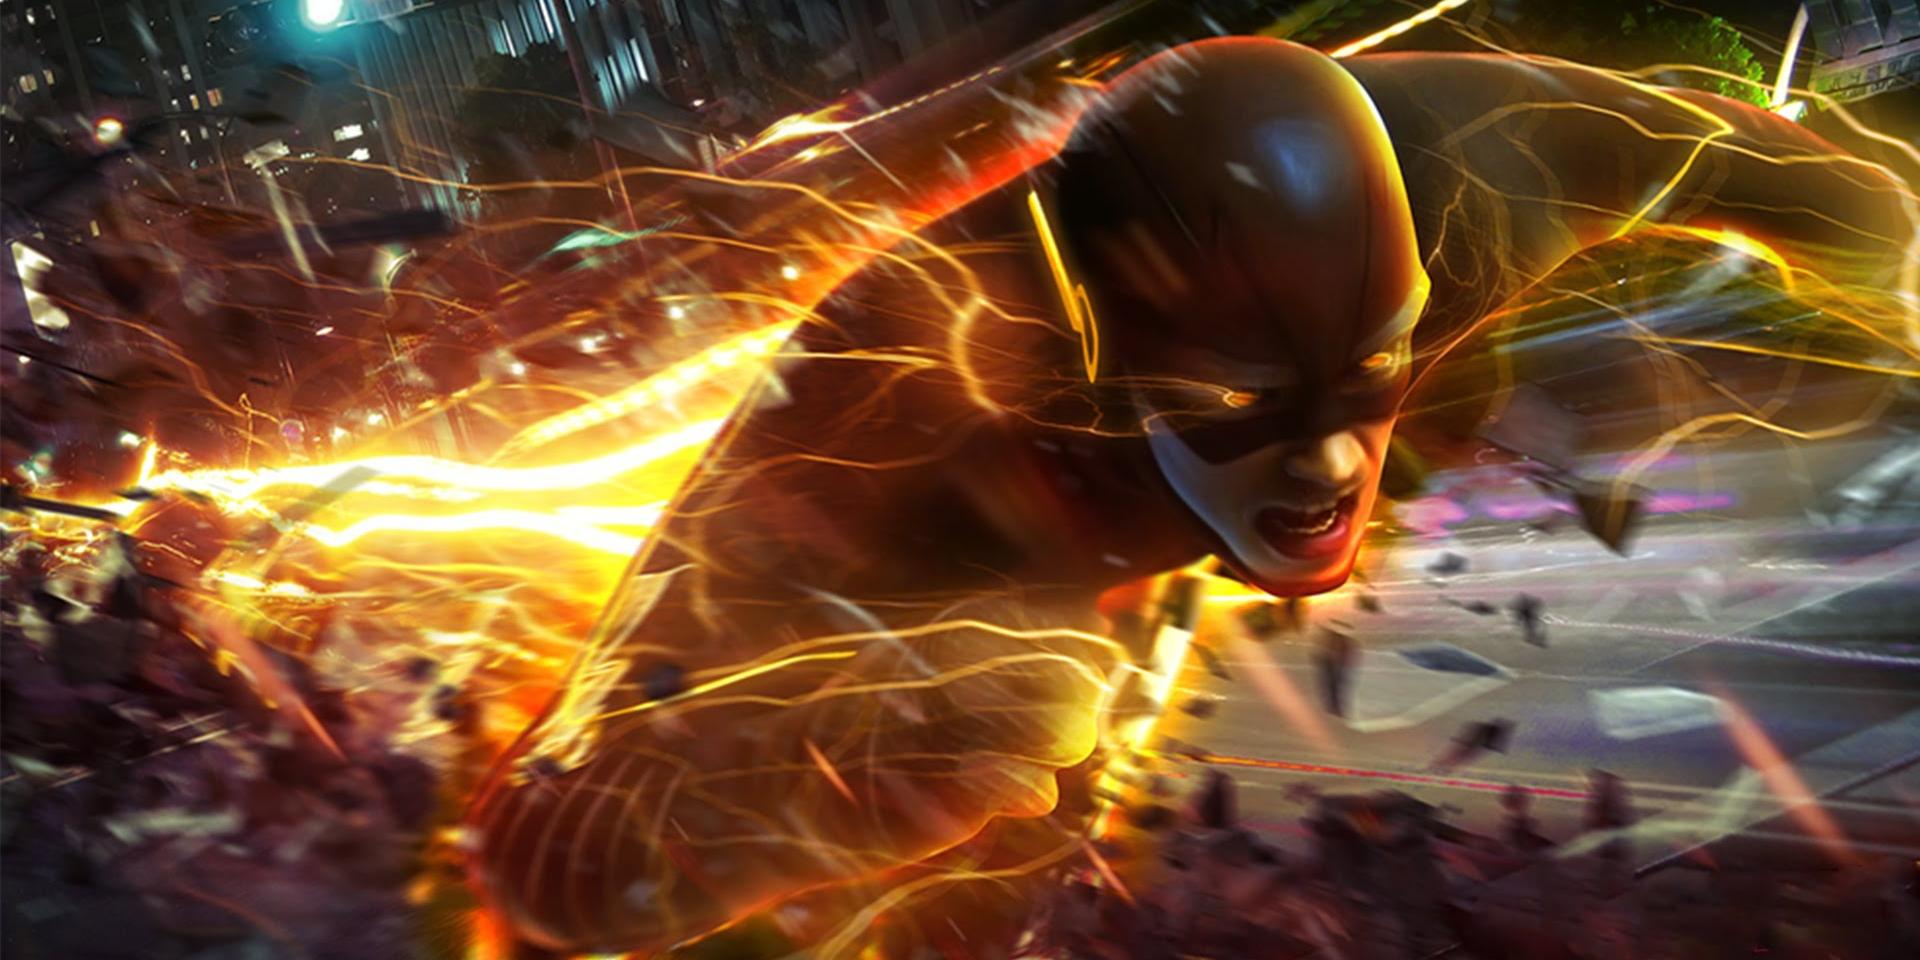 The-Flash-vs-the-Reverse-Flash